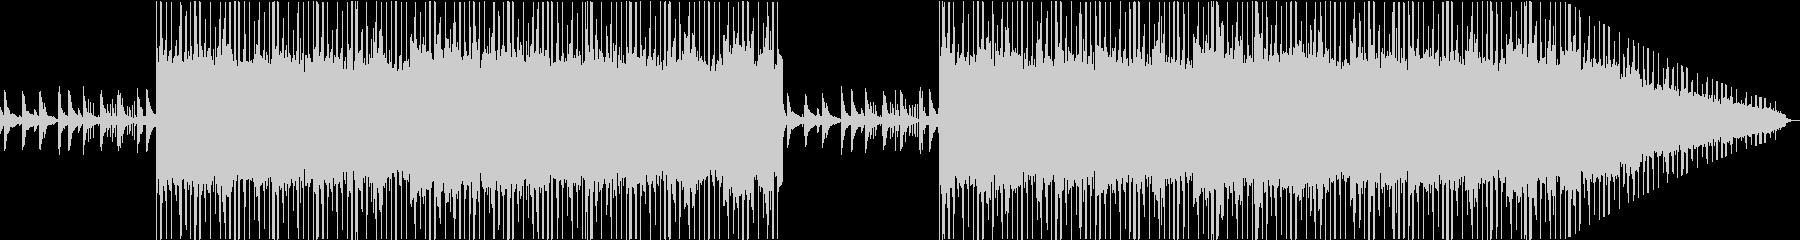 ピアノとシンセの不安で静かなLofiの未再生の波形